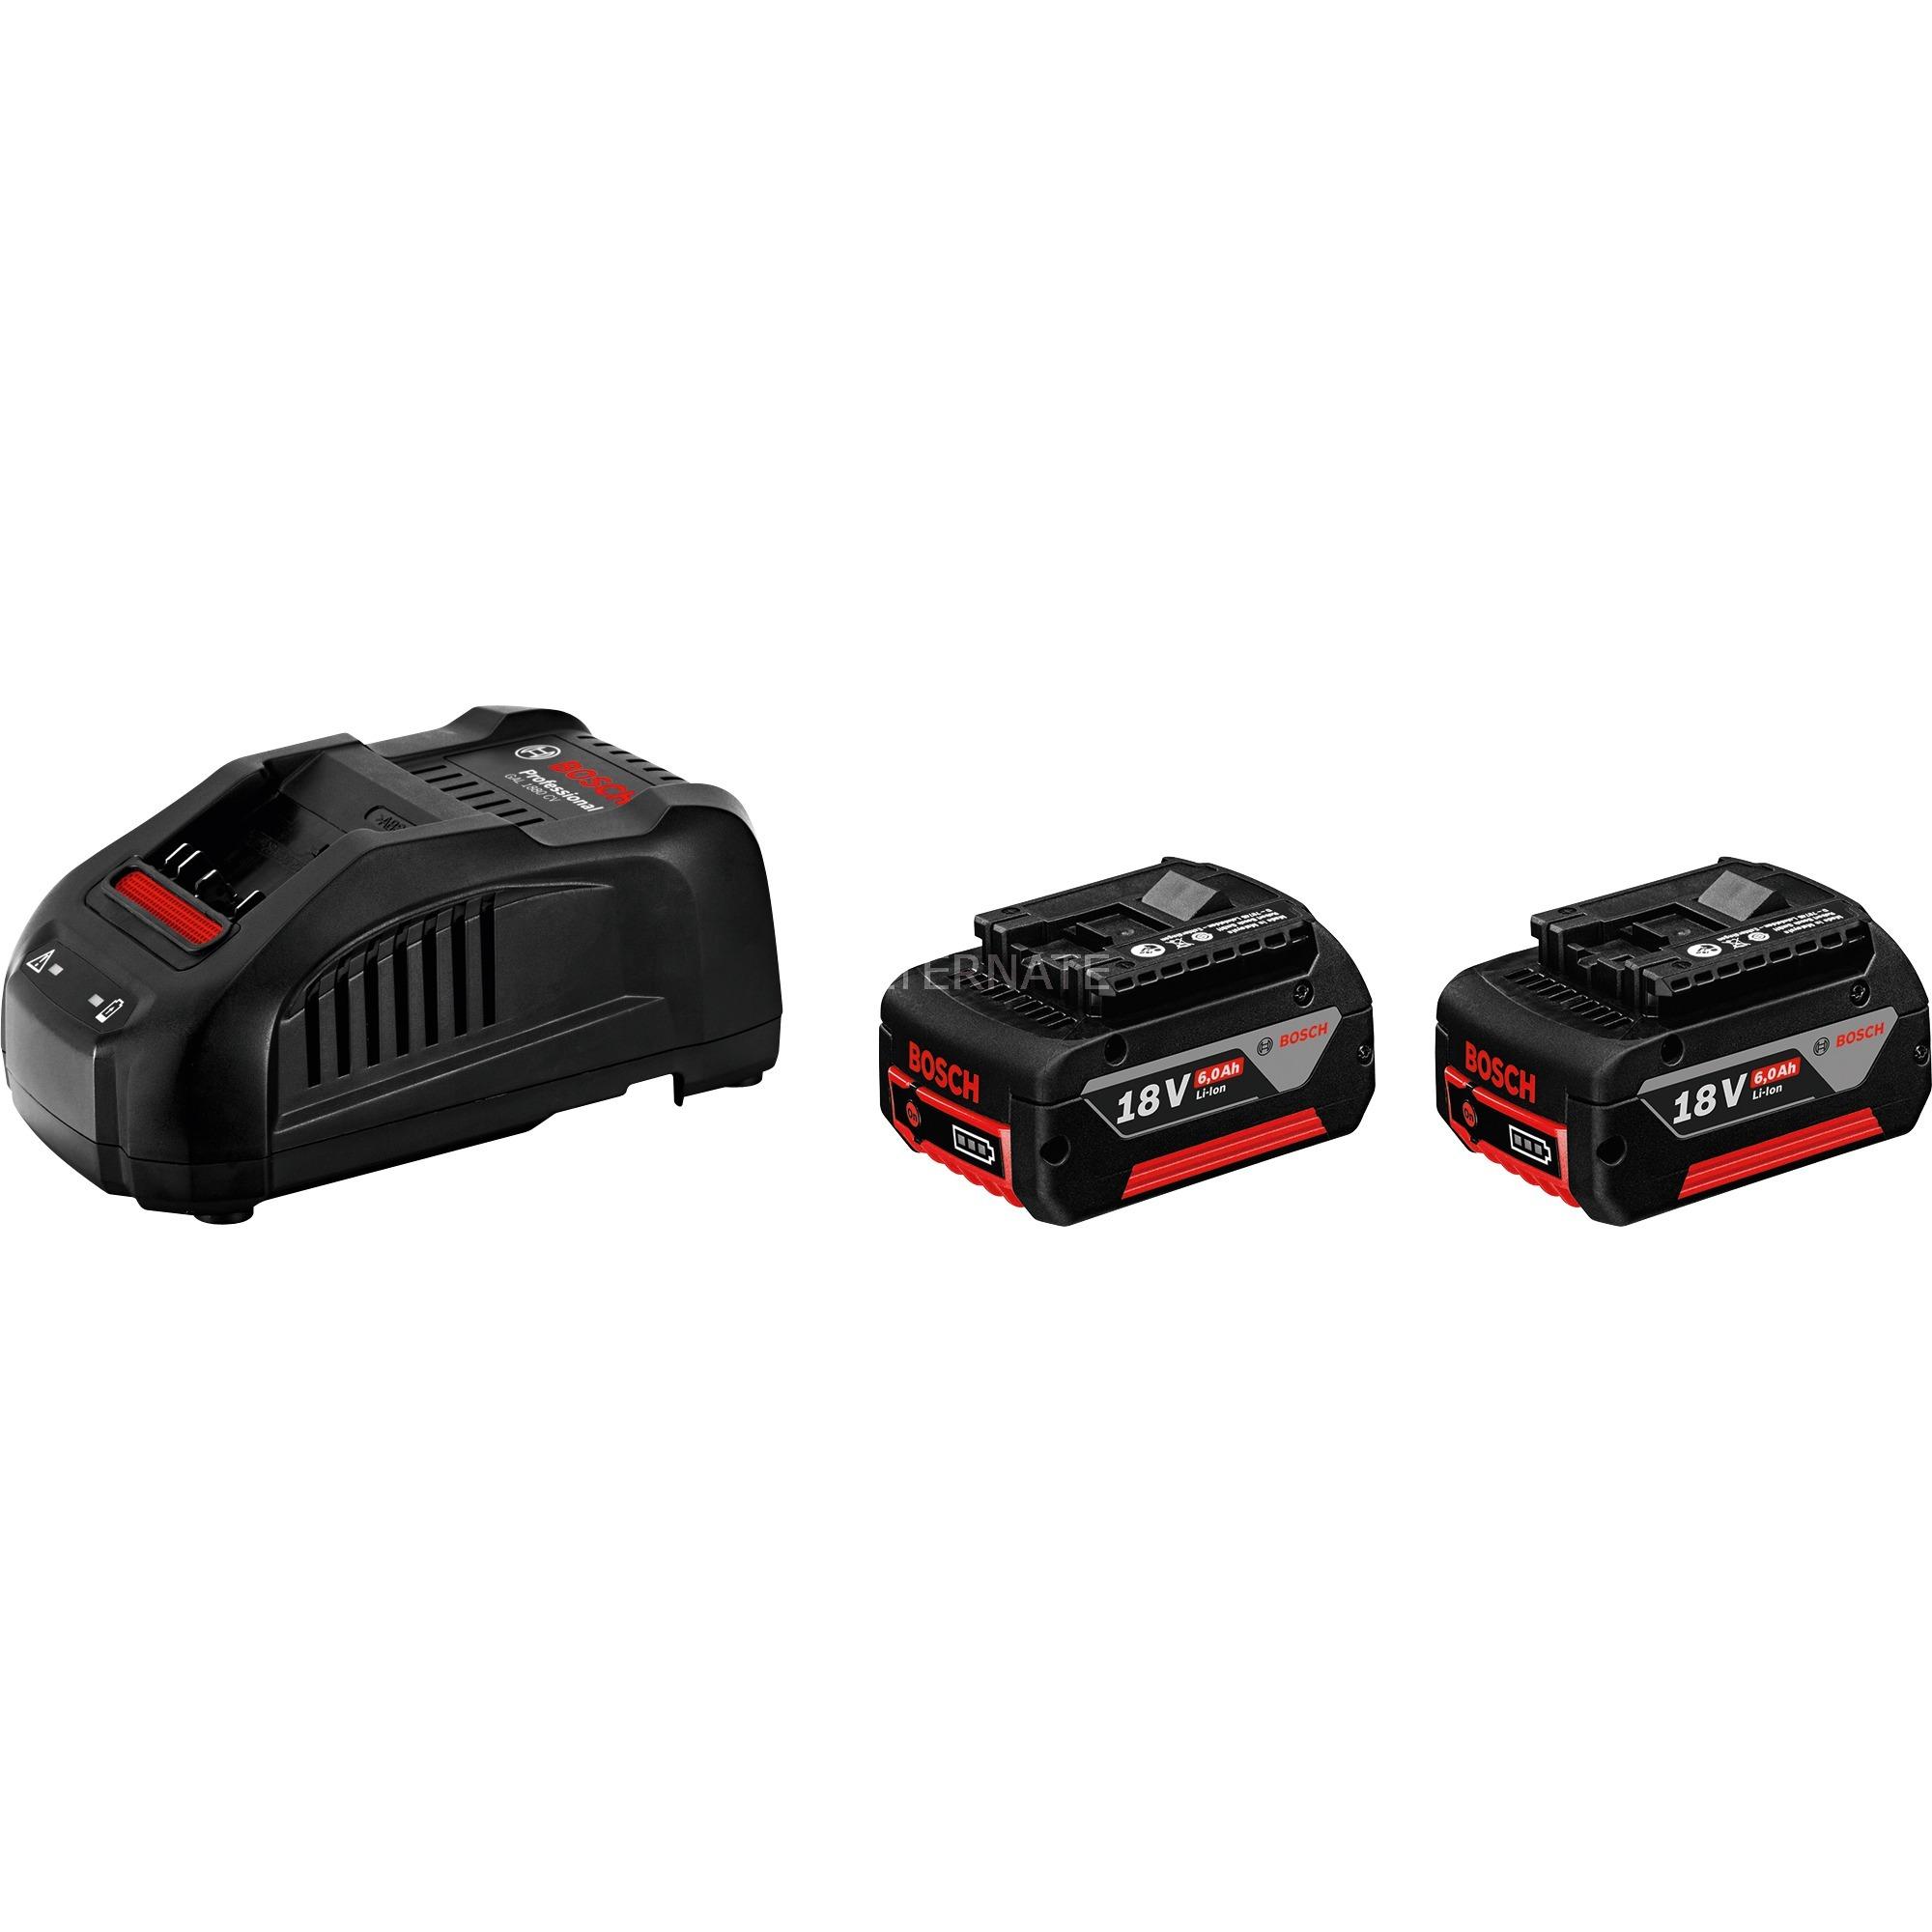 1 600 A00 B8L cargador de batería Negro Cargador de baterías para interior, Conjunto